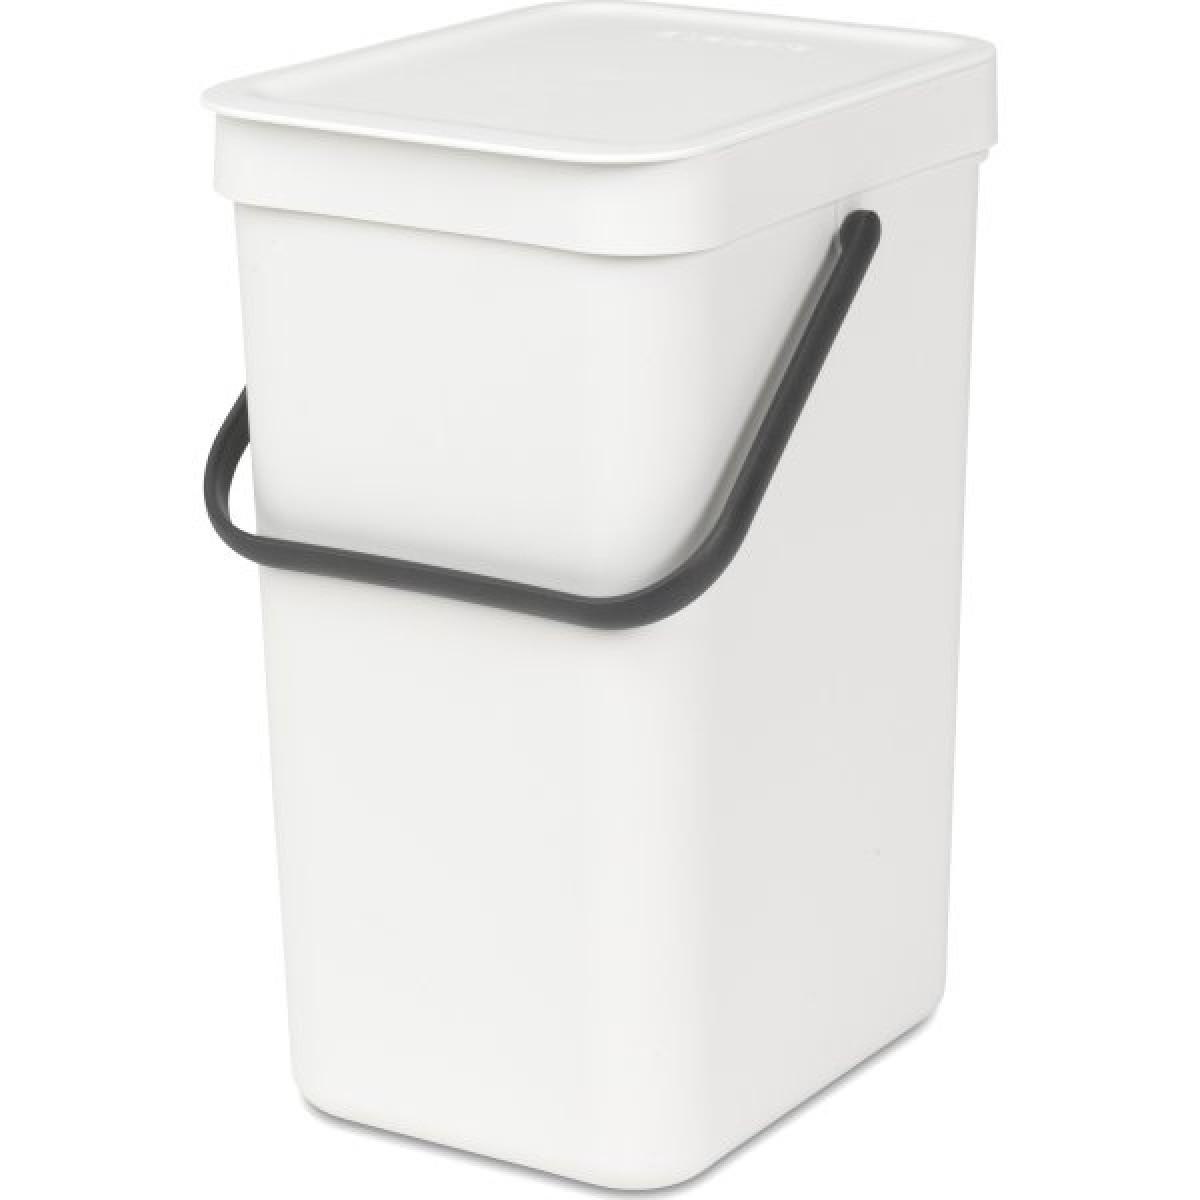 BRABANTIA Affaldsspand m/ låg - Affaldssortering 12 ltr - hvid